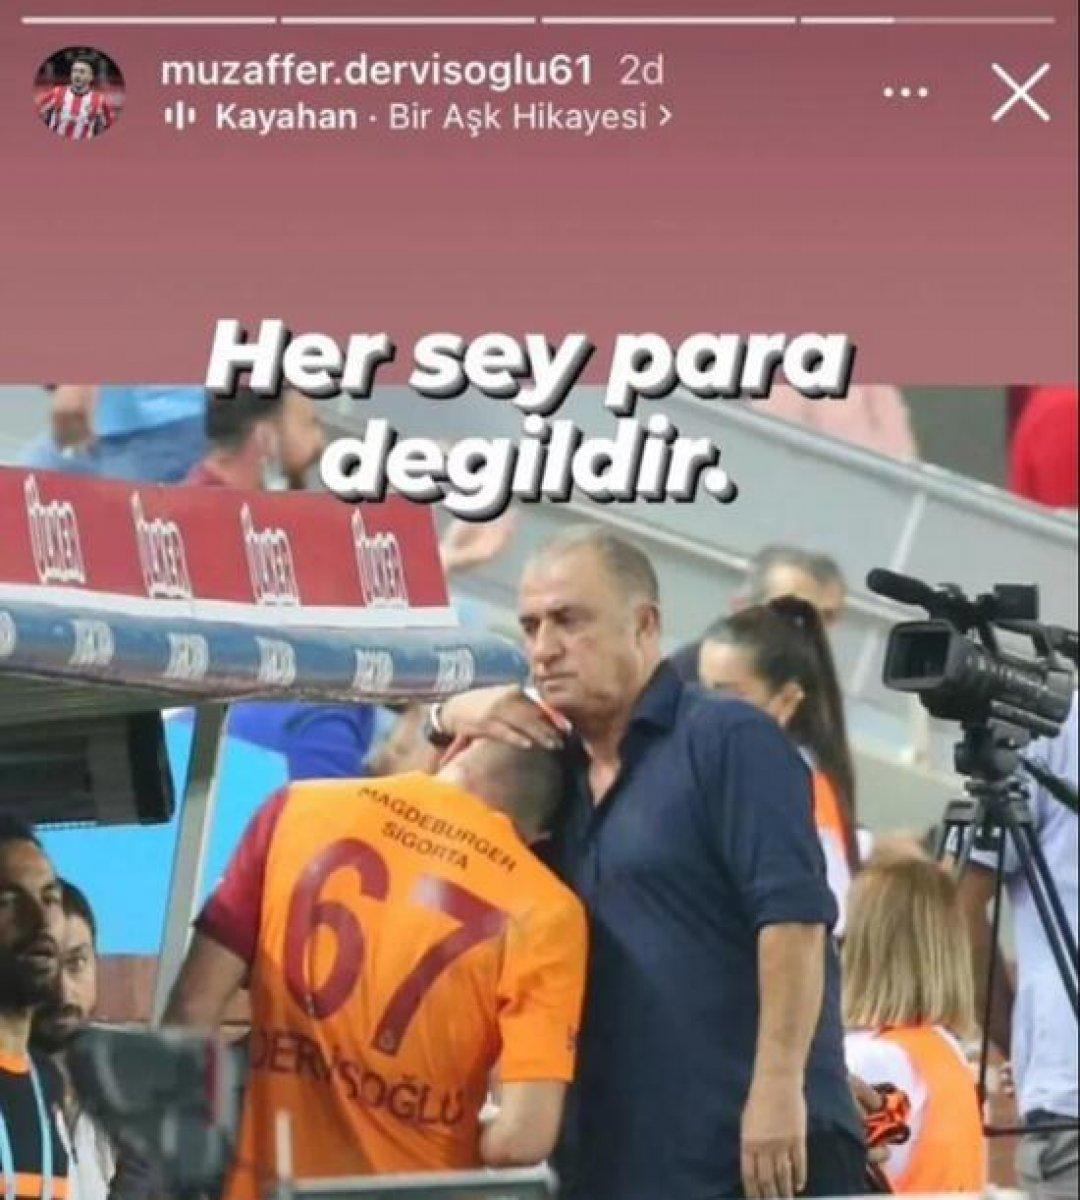 Halil Dervişoğlu nun babasından imalı paylaşım #1